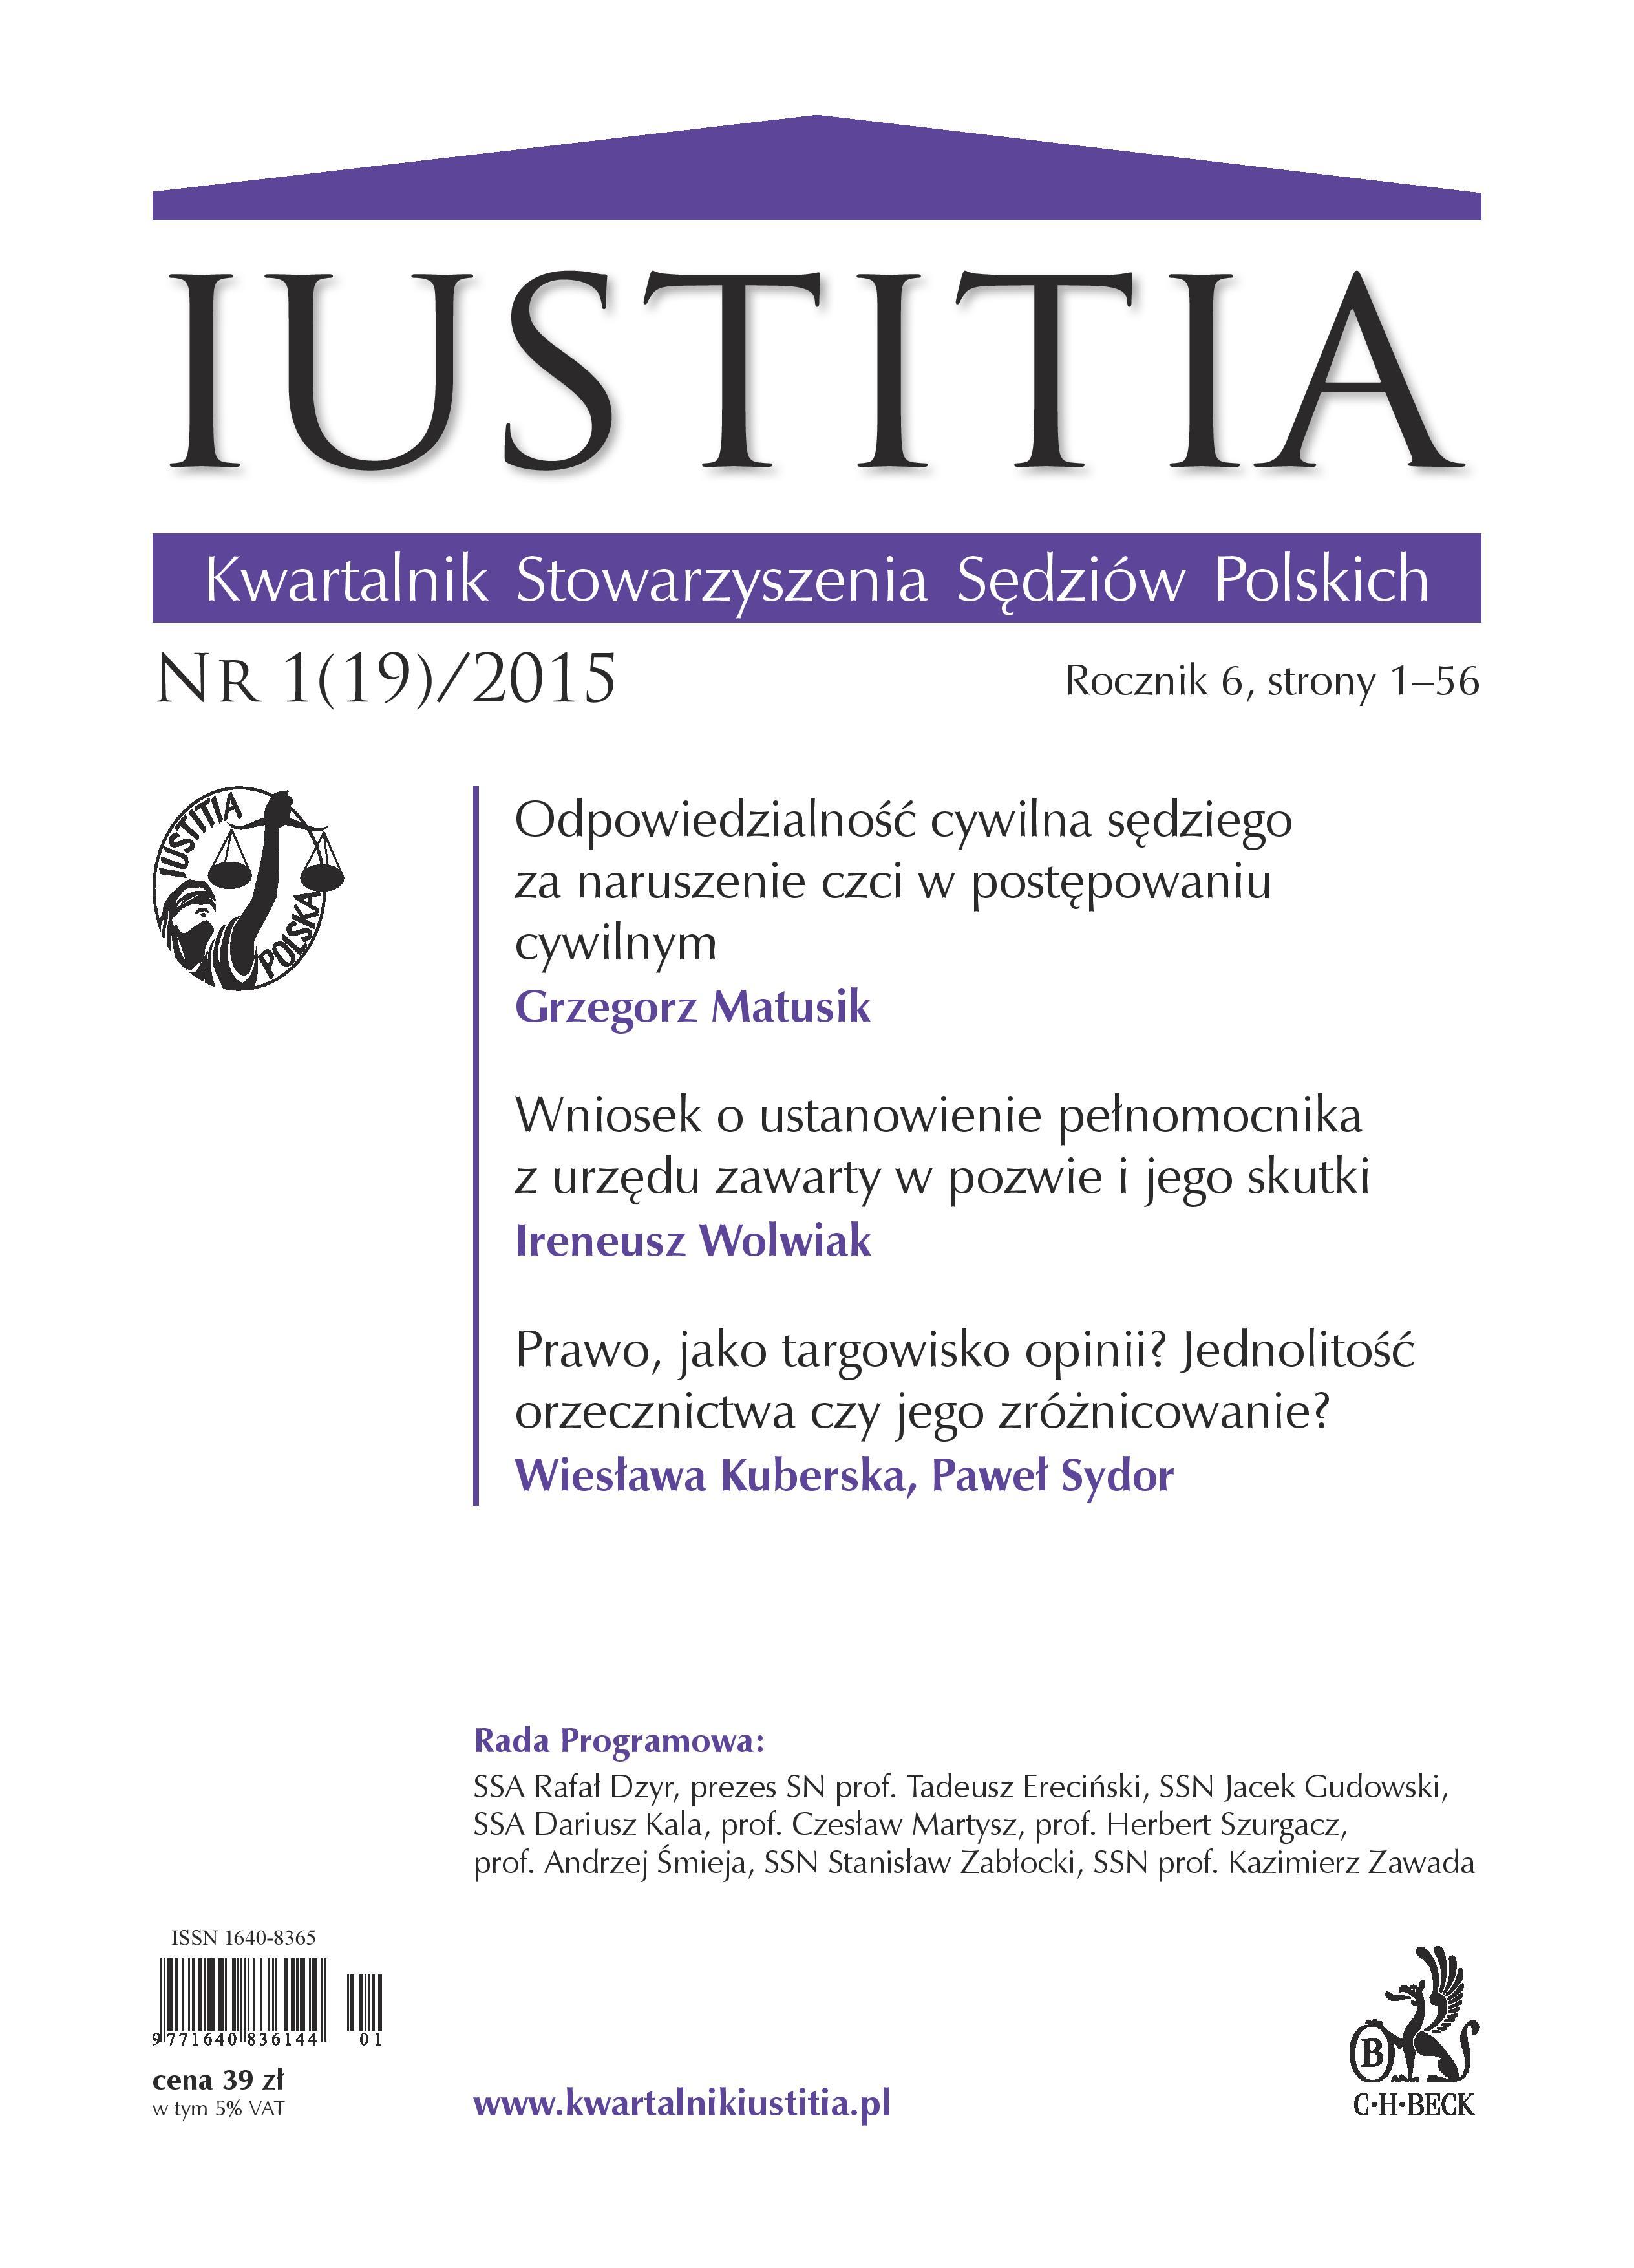 Iustitia Kwartalnik Stowarzyszenia Sędziów Polskich - kwartalnik - prenumerata półroczna już od 59,00 zł